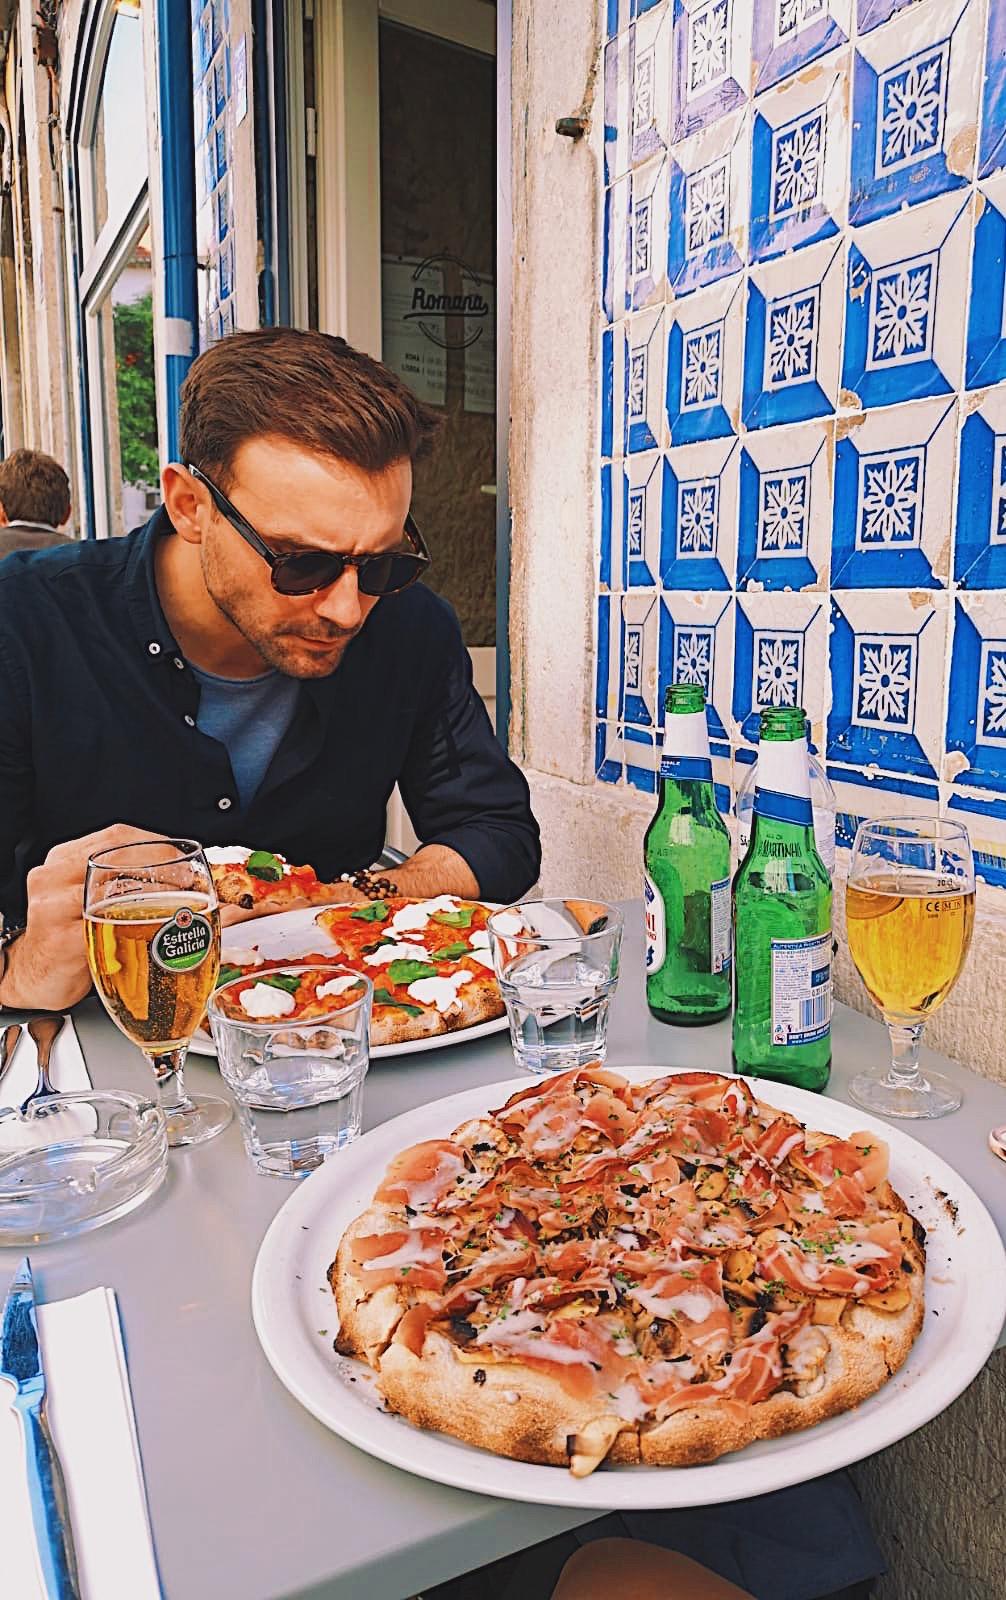 redhead-round-the-world-food-foodblog-blog-foodie-fernando-pizza-lisbon-portugal.JPG